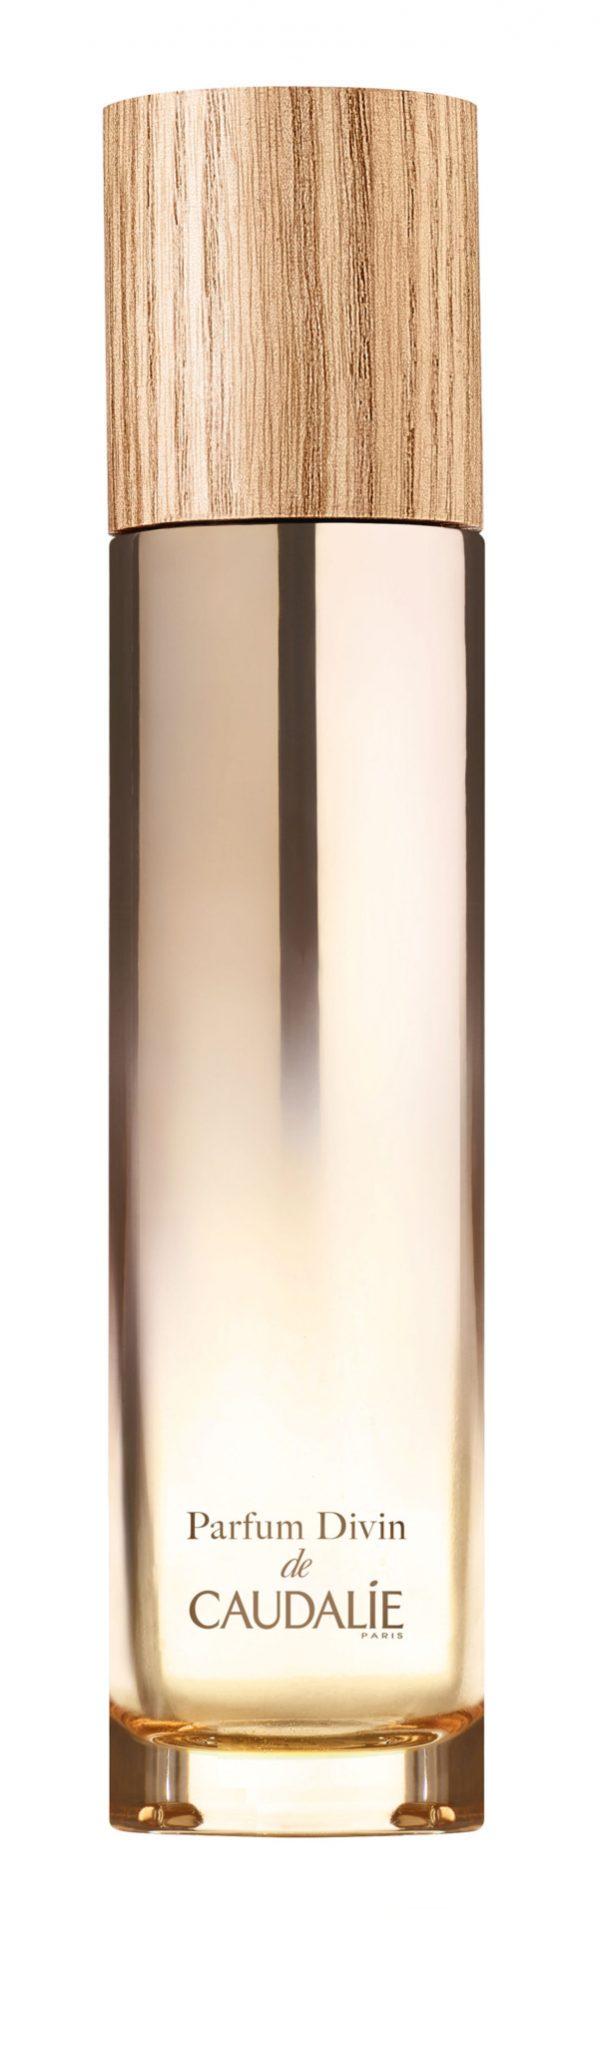 Caudalie - Parfum Divin de Caudalie EDP 50 ml